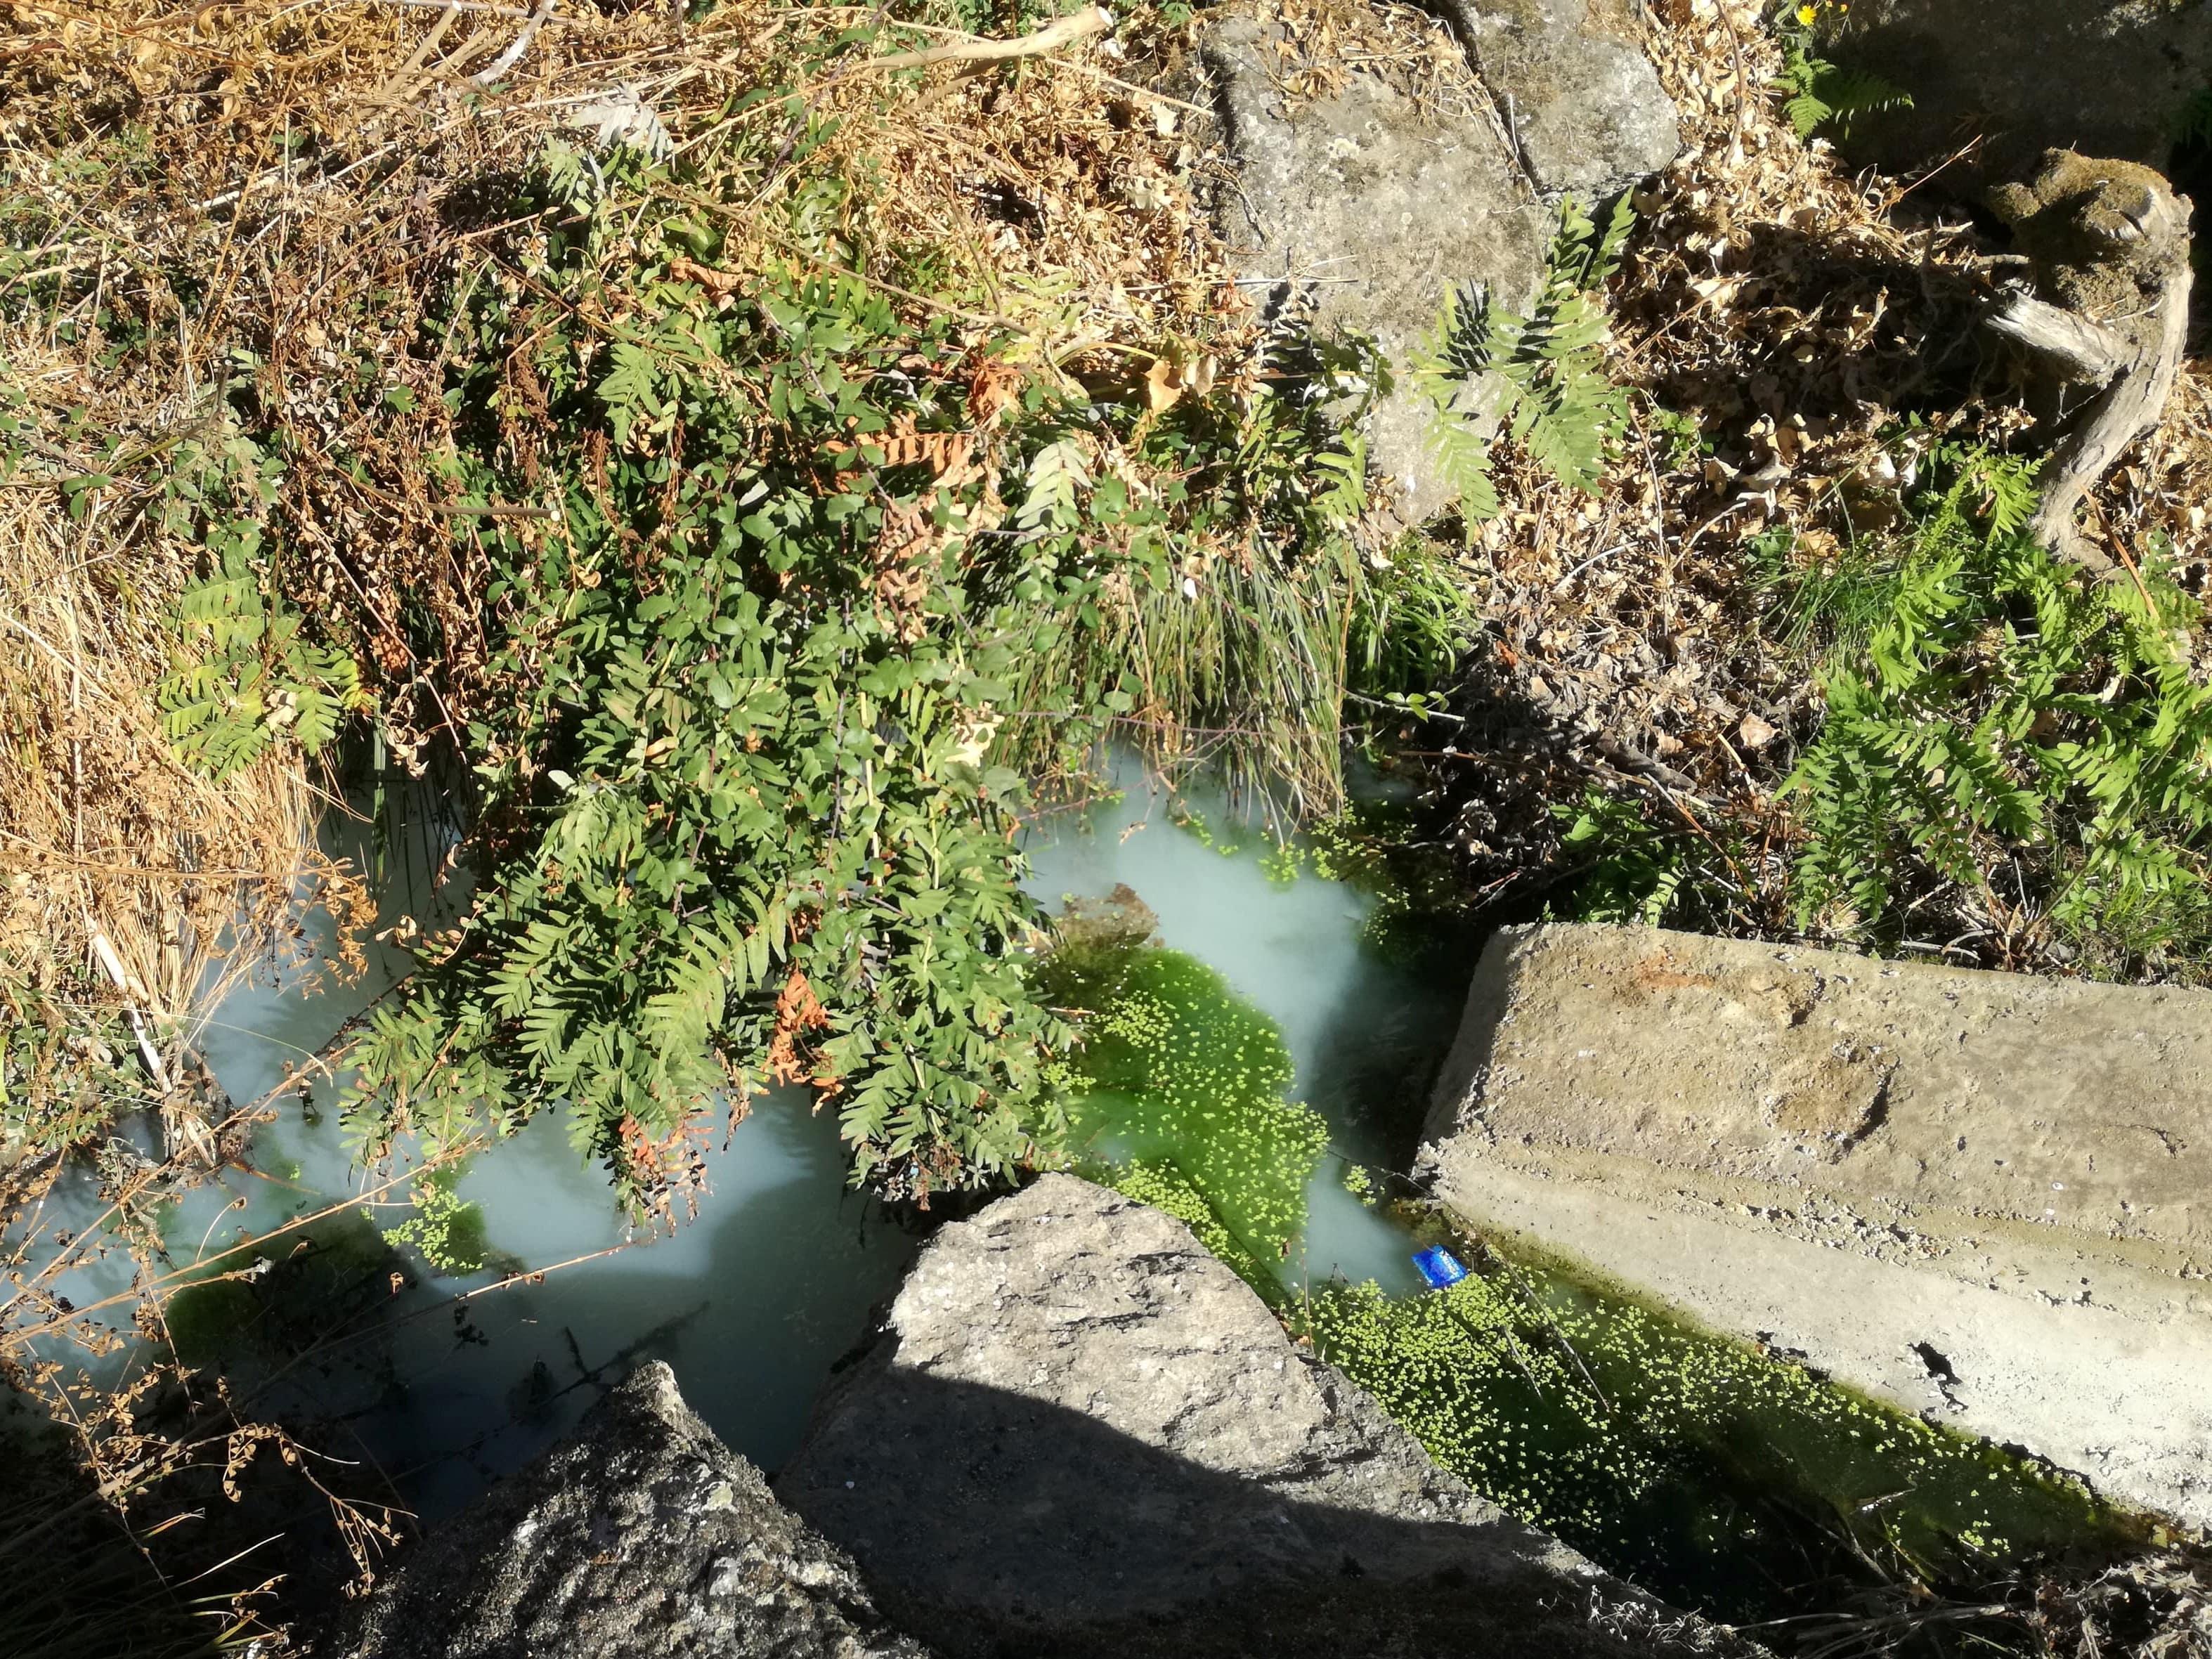 Novas descargas ilegais no Rio Balsemão levam a denúncia do Bloco de Esquerda